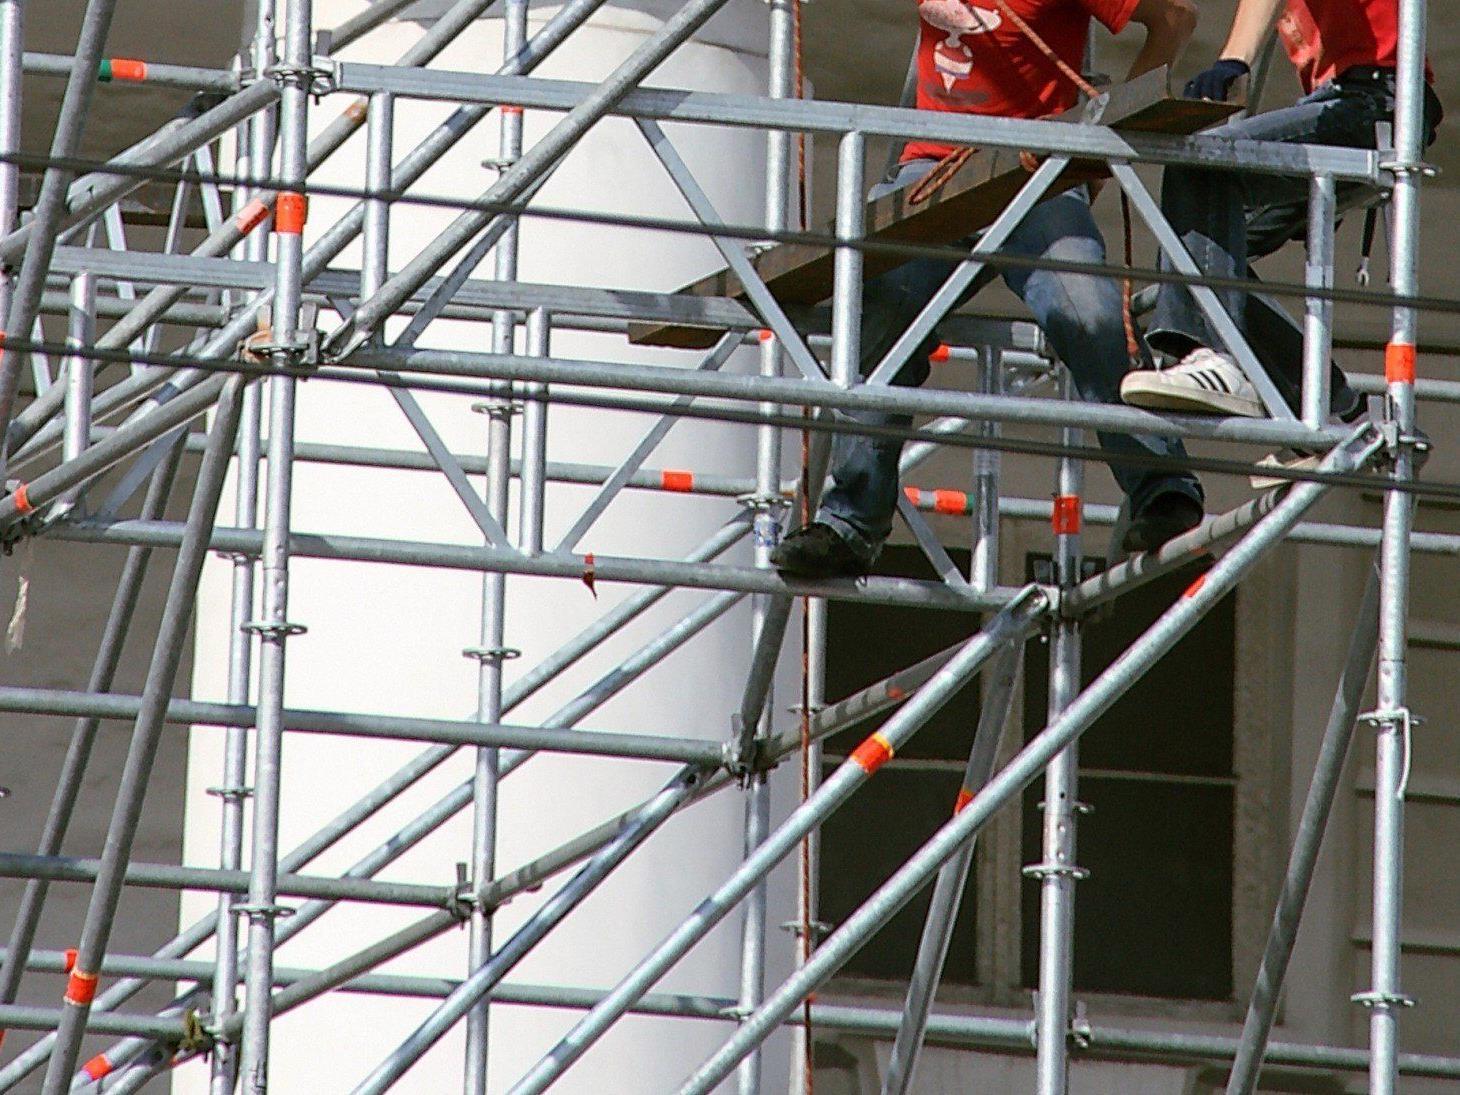 Lokaltour endet mit Festnahme in Wien Innere Stadt: Mann kletterte auf Dach